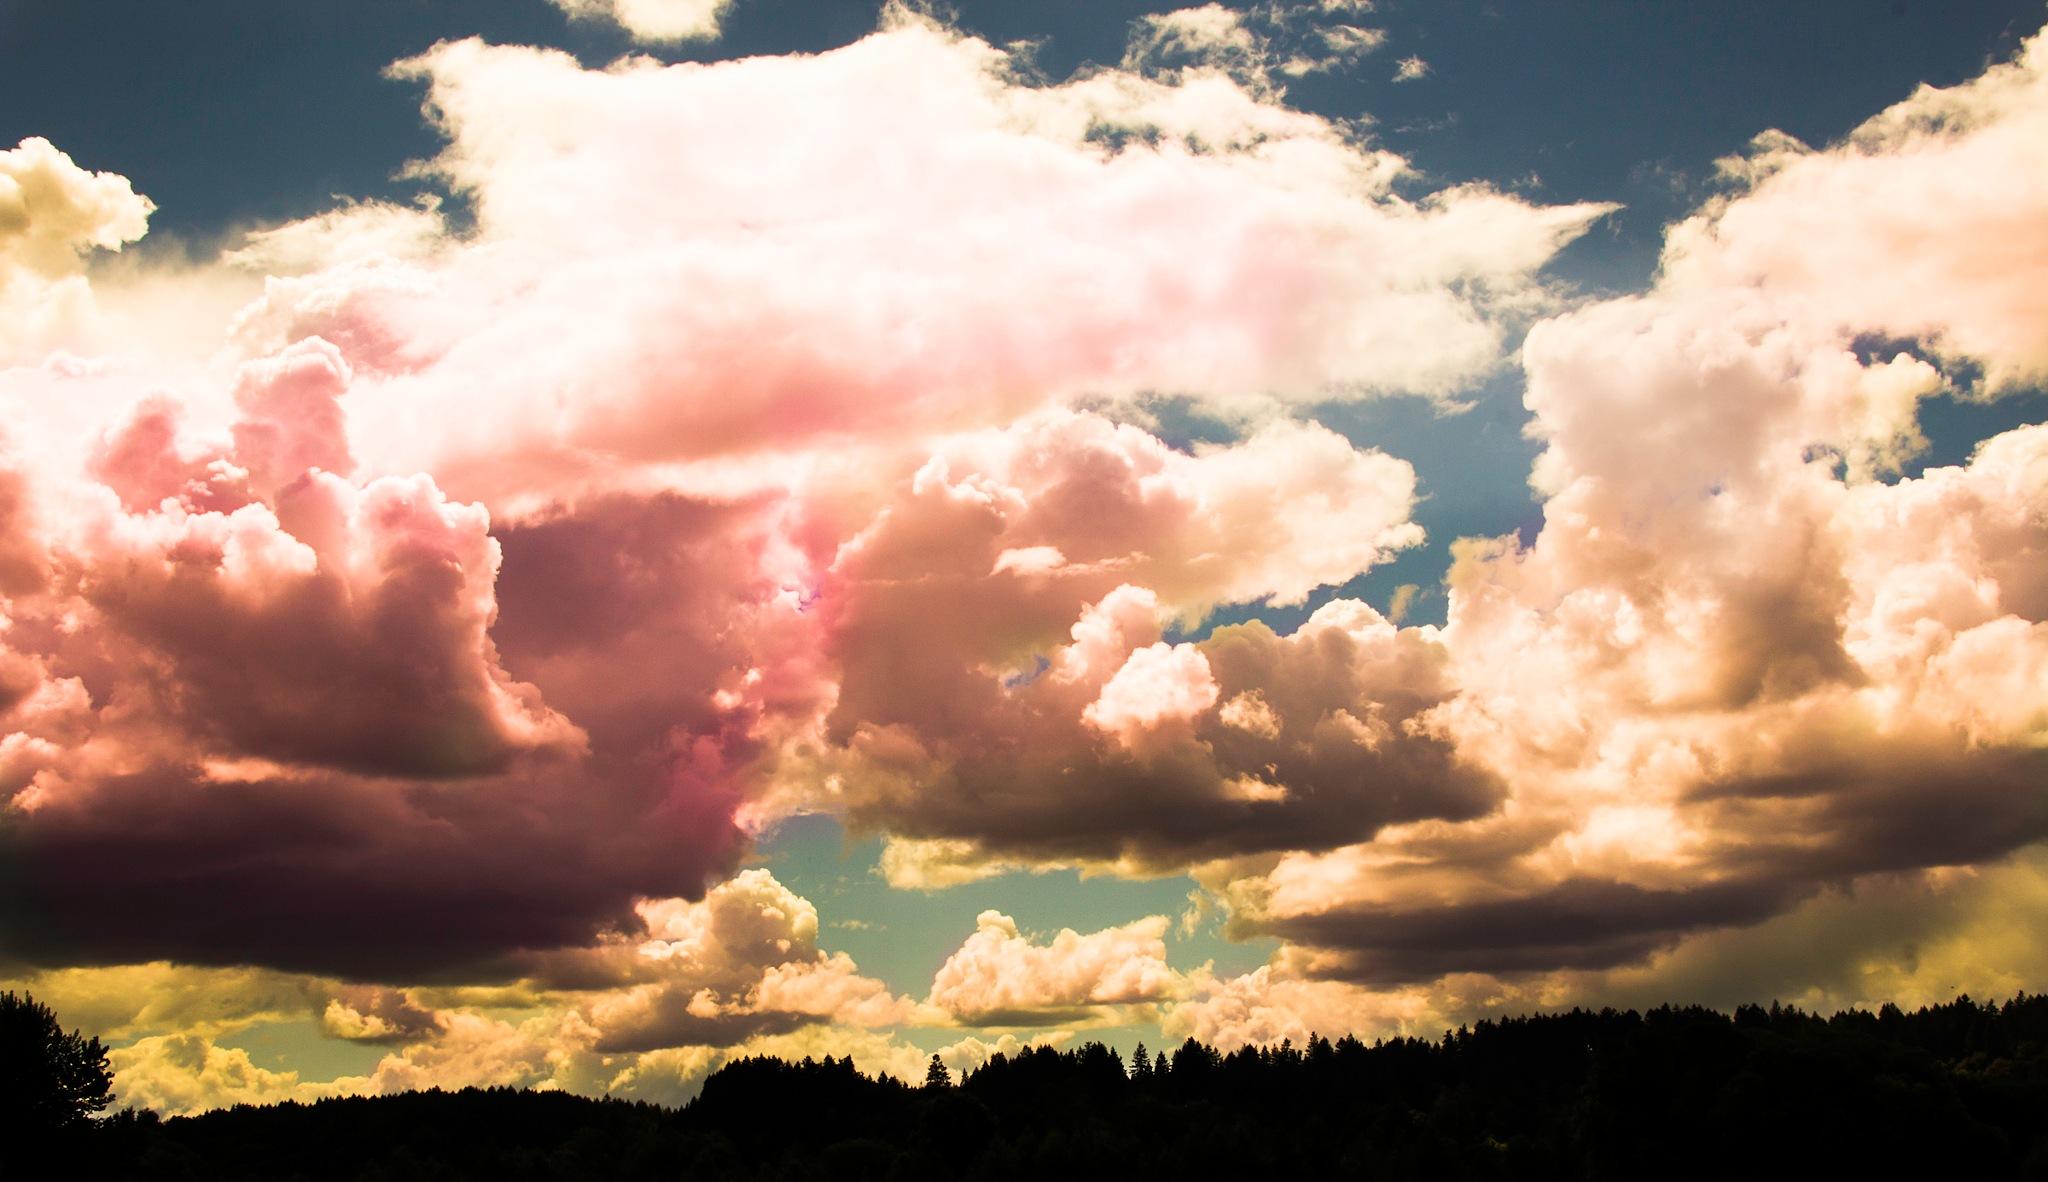 Clouds by Jason Graefen